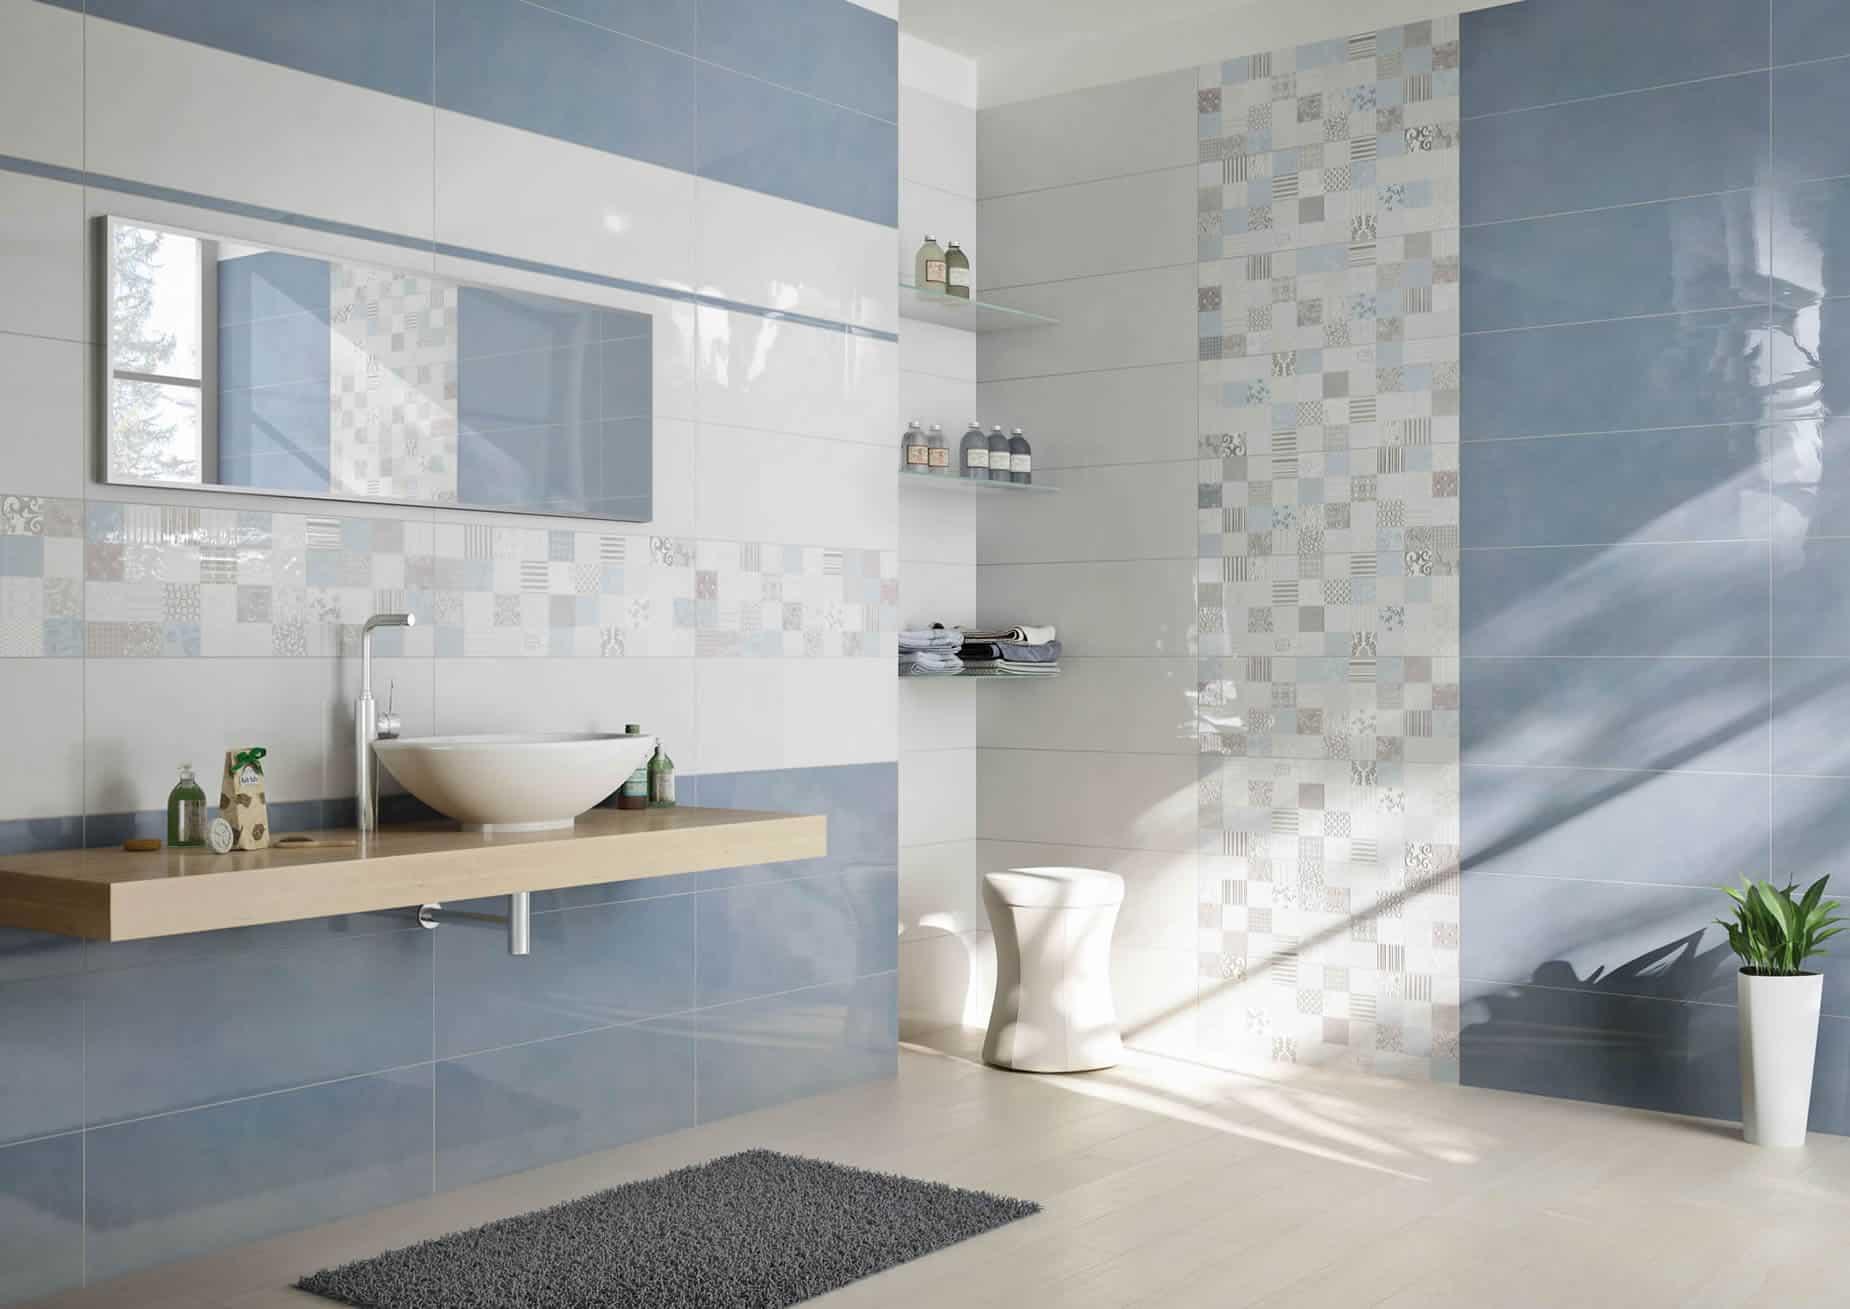 Design Bagno Torino : Bagno design torino spazio bagno torino a torino e dintorni